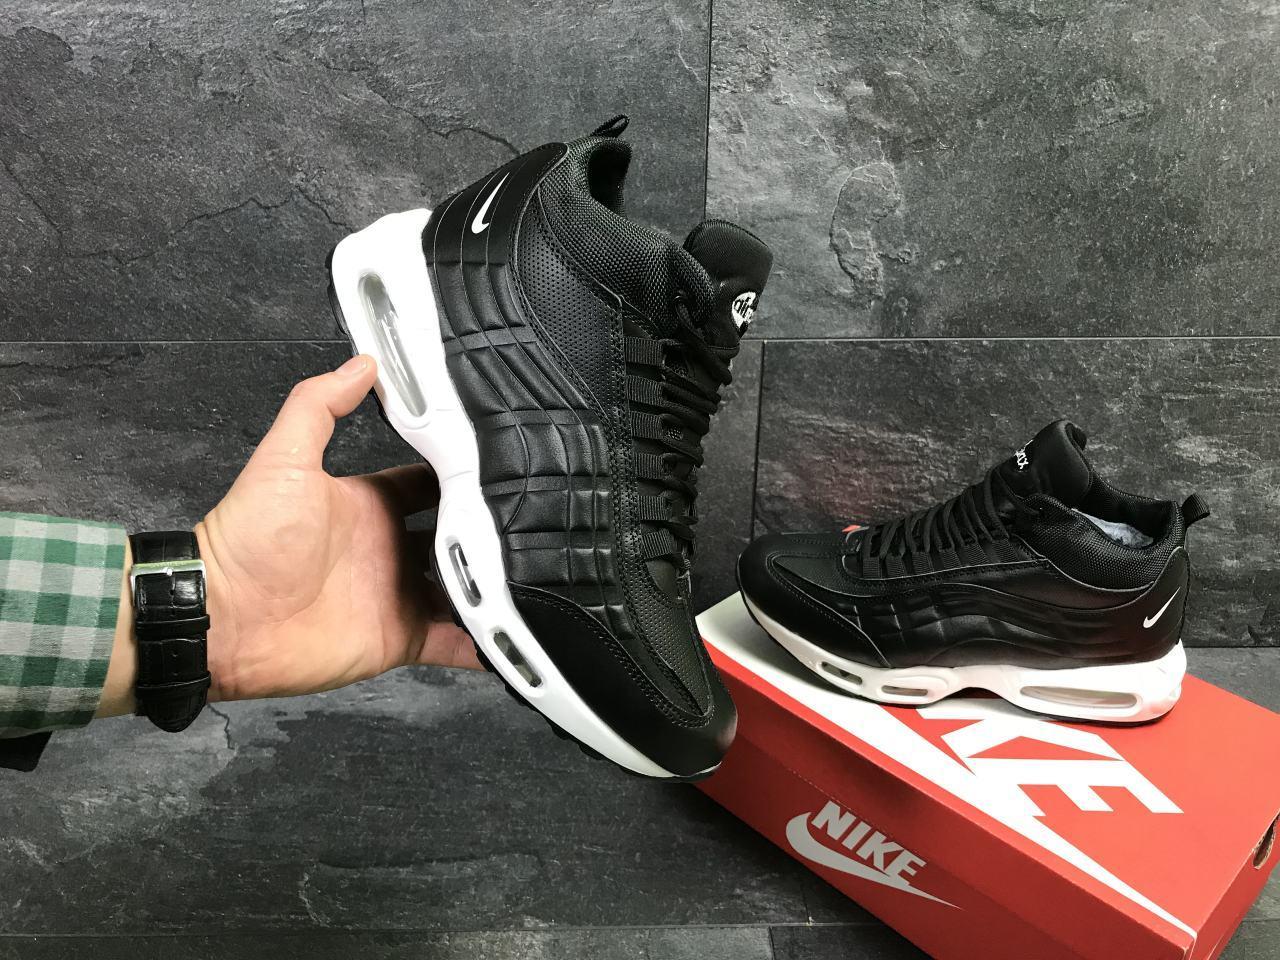 f52e67ae Мужские зимние кроссовки Nike 6975 черные с белым купить недорого ...